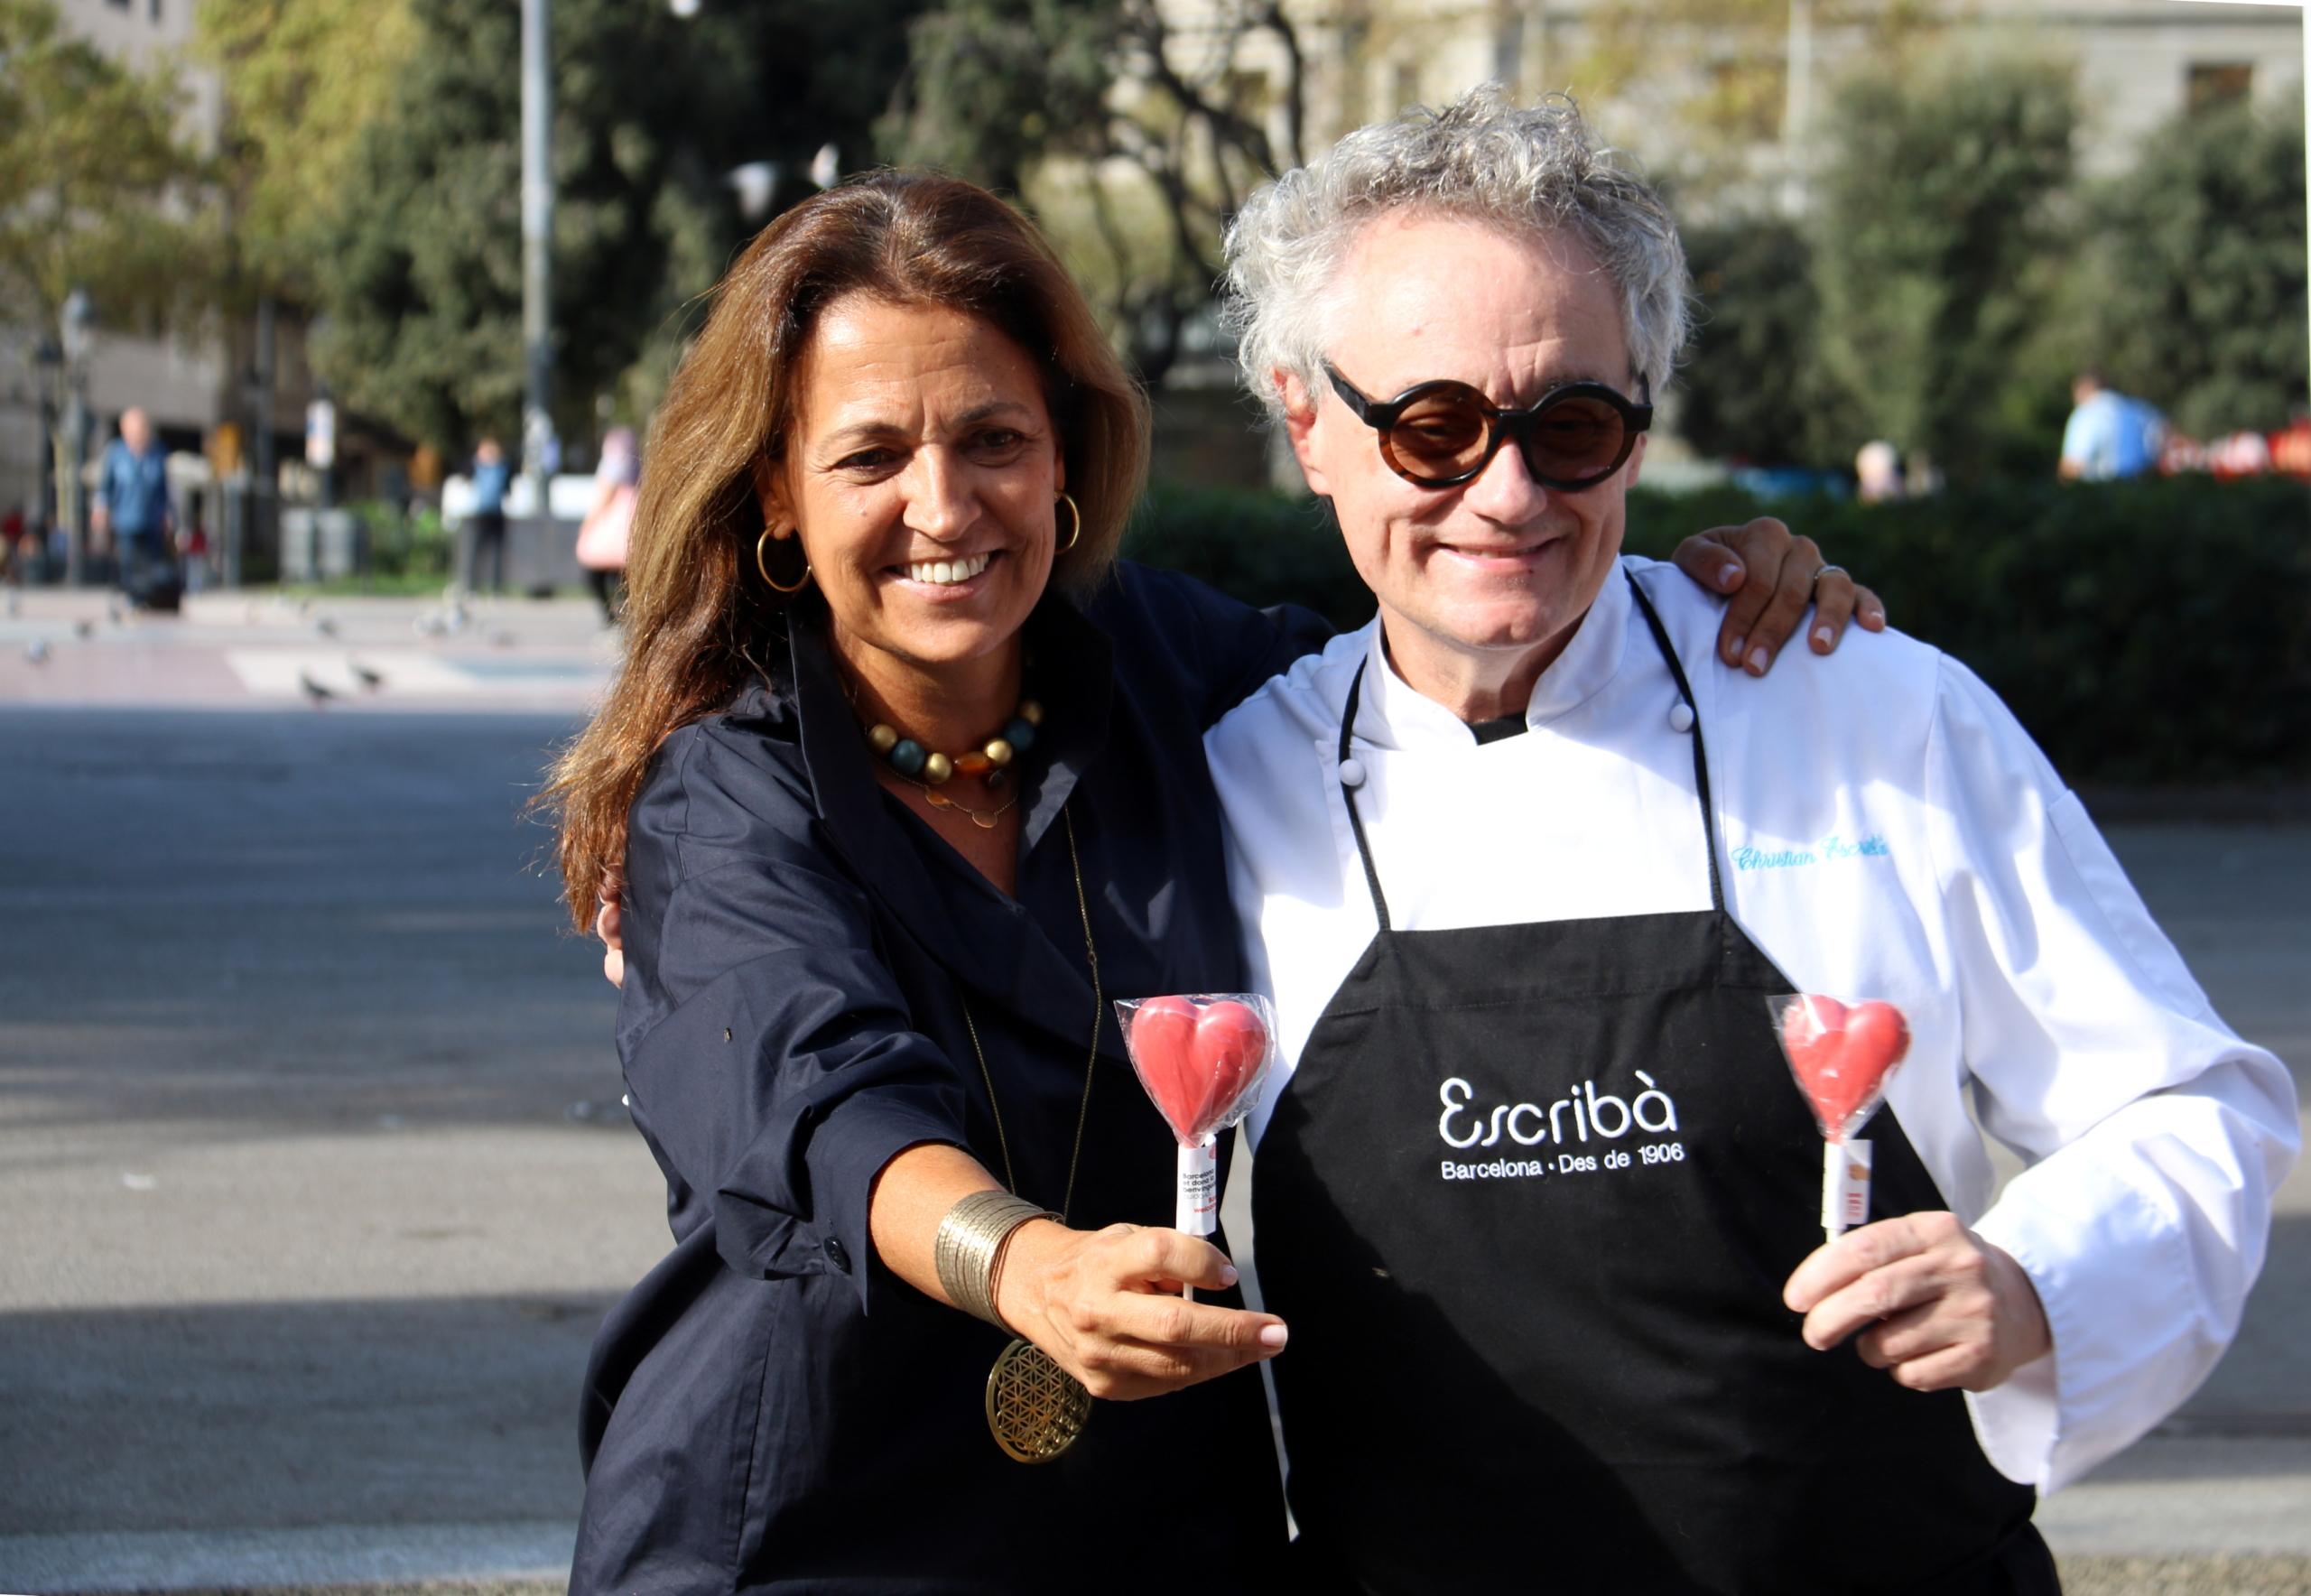 Marian Muro i Christian Escribà durant la presentació de la campanya de Turisme de Barcelona